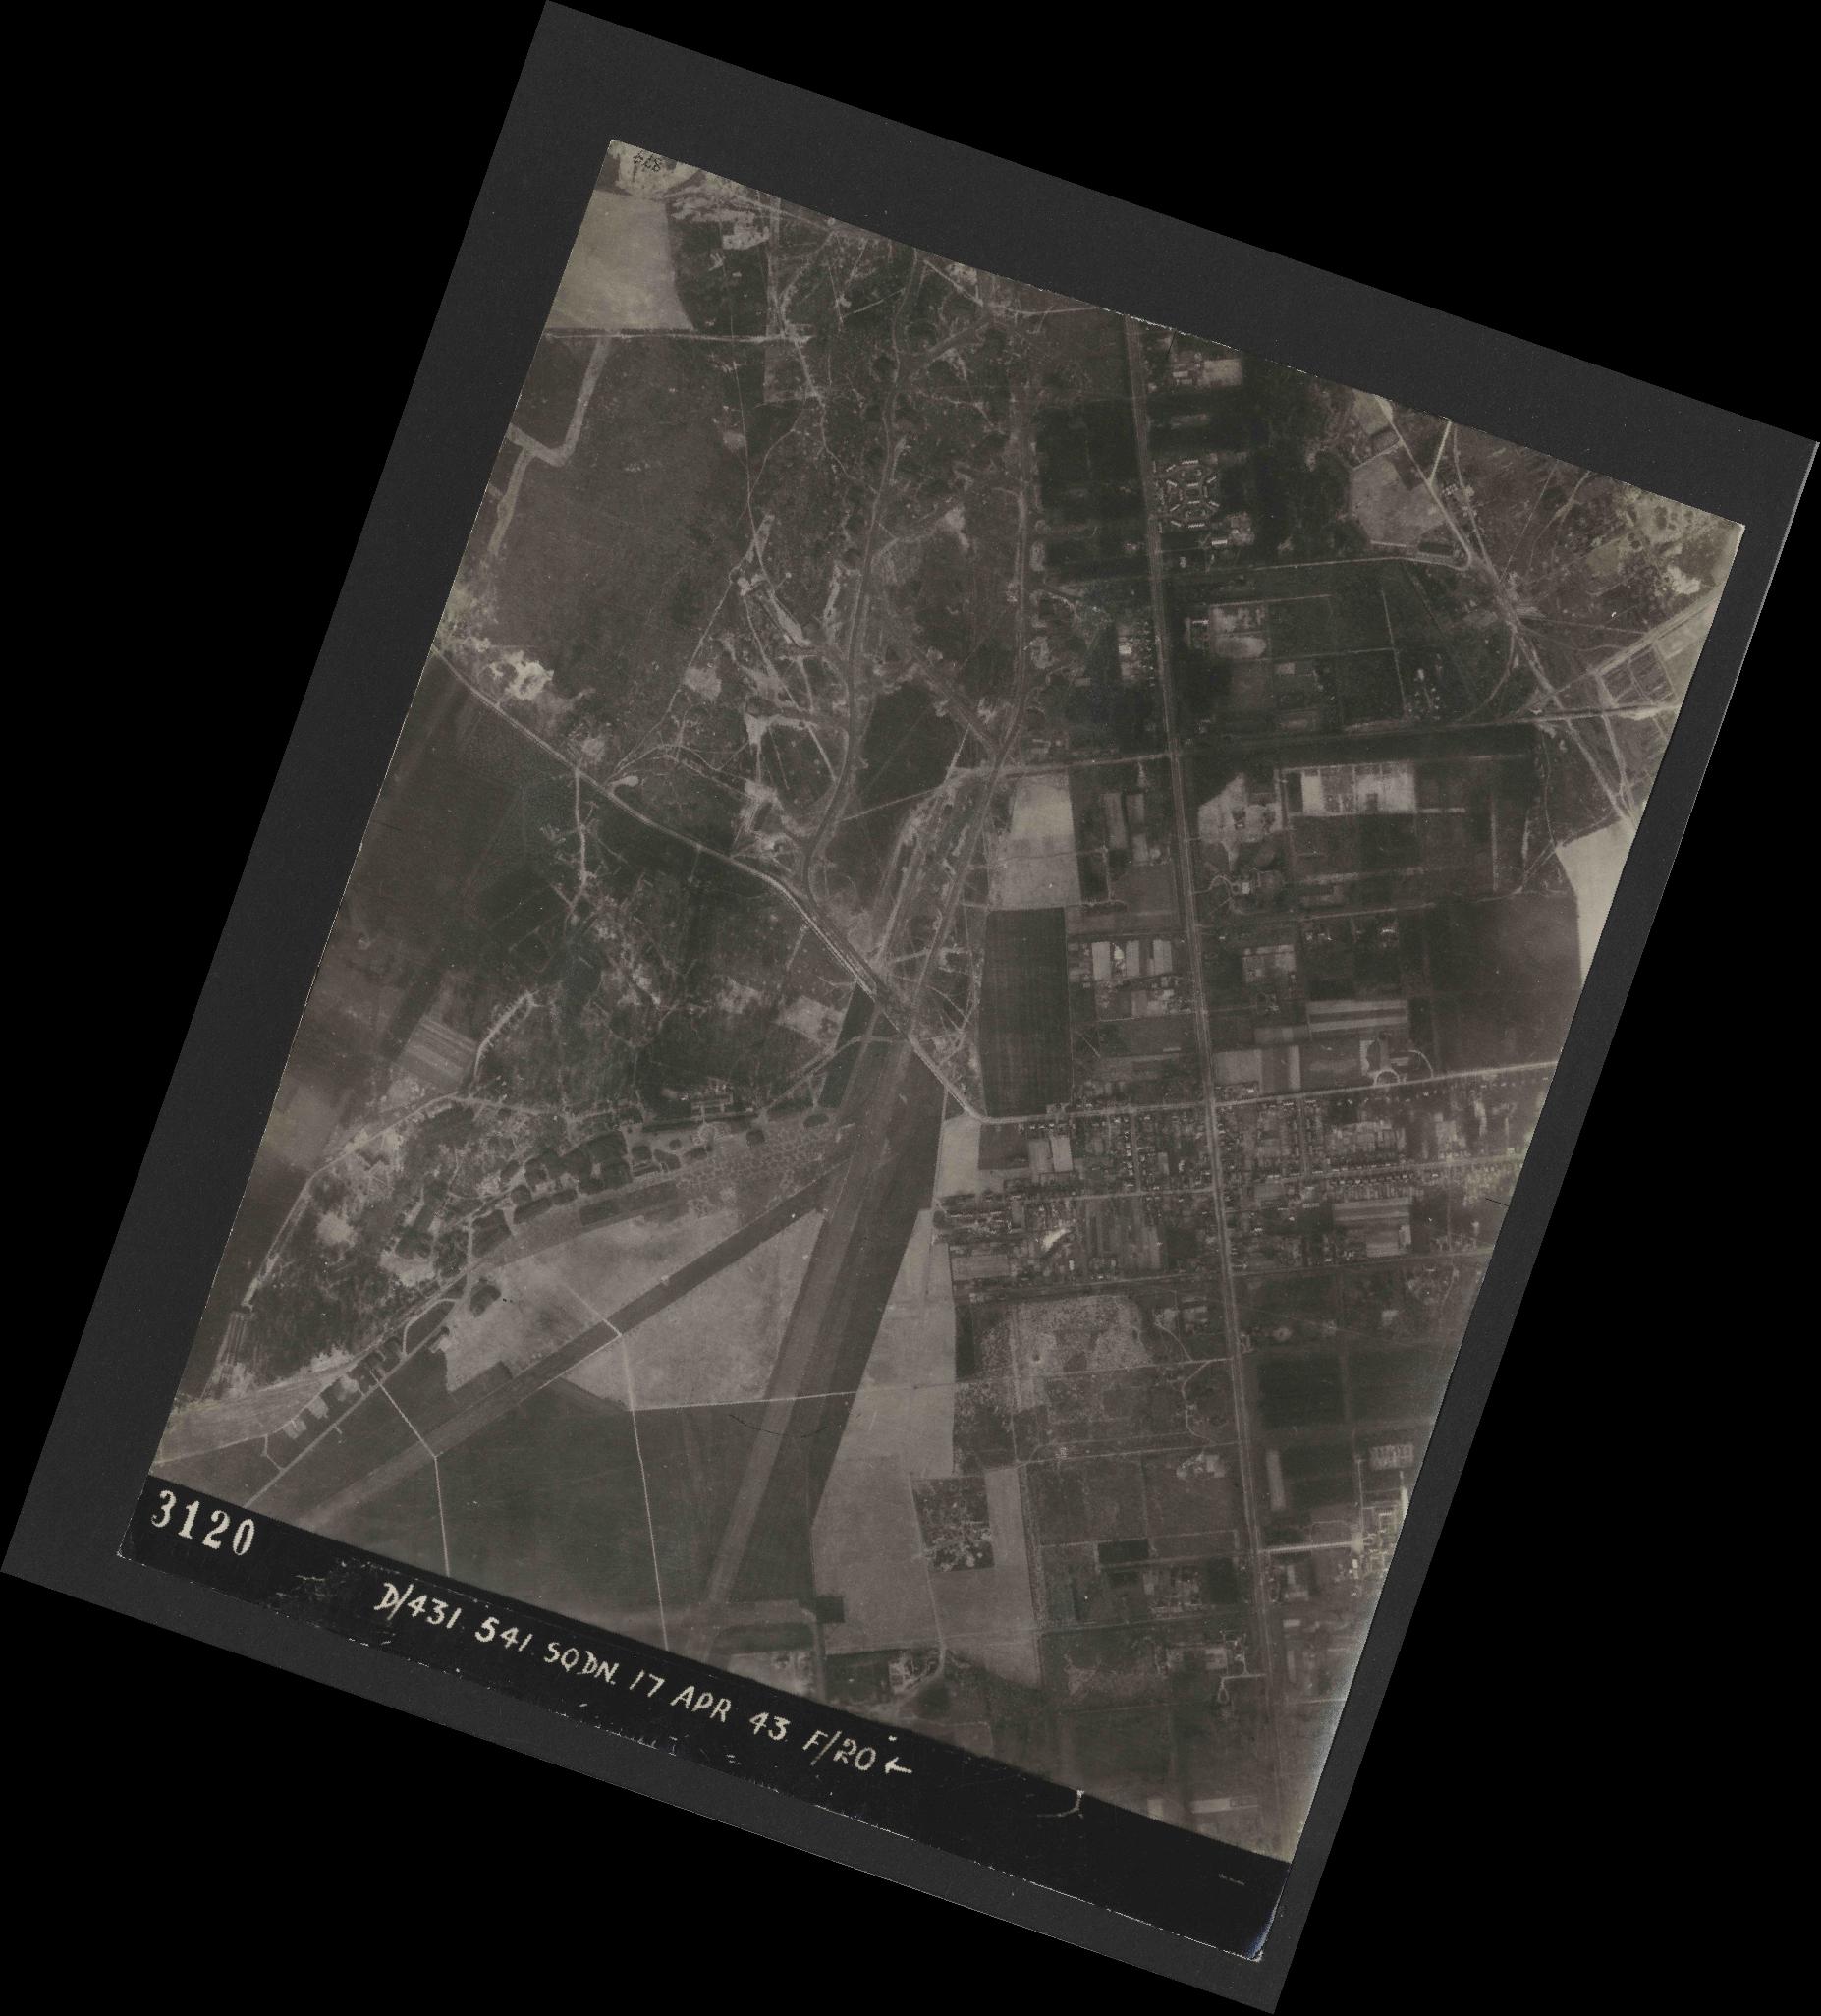 Collection RAF aerial photos 1940-1945 - flight 329, run 05, photo 3120